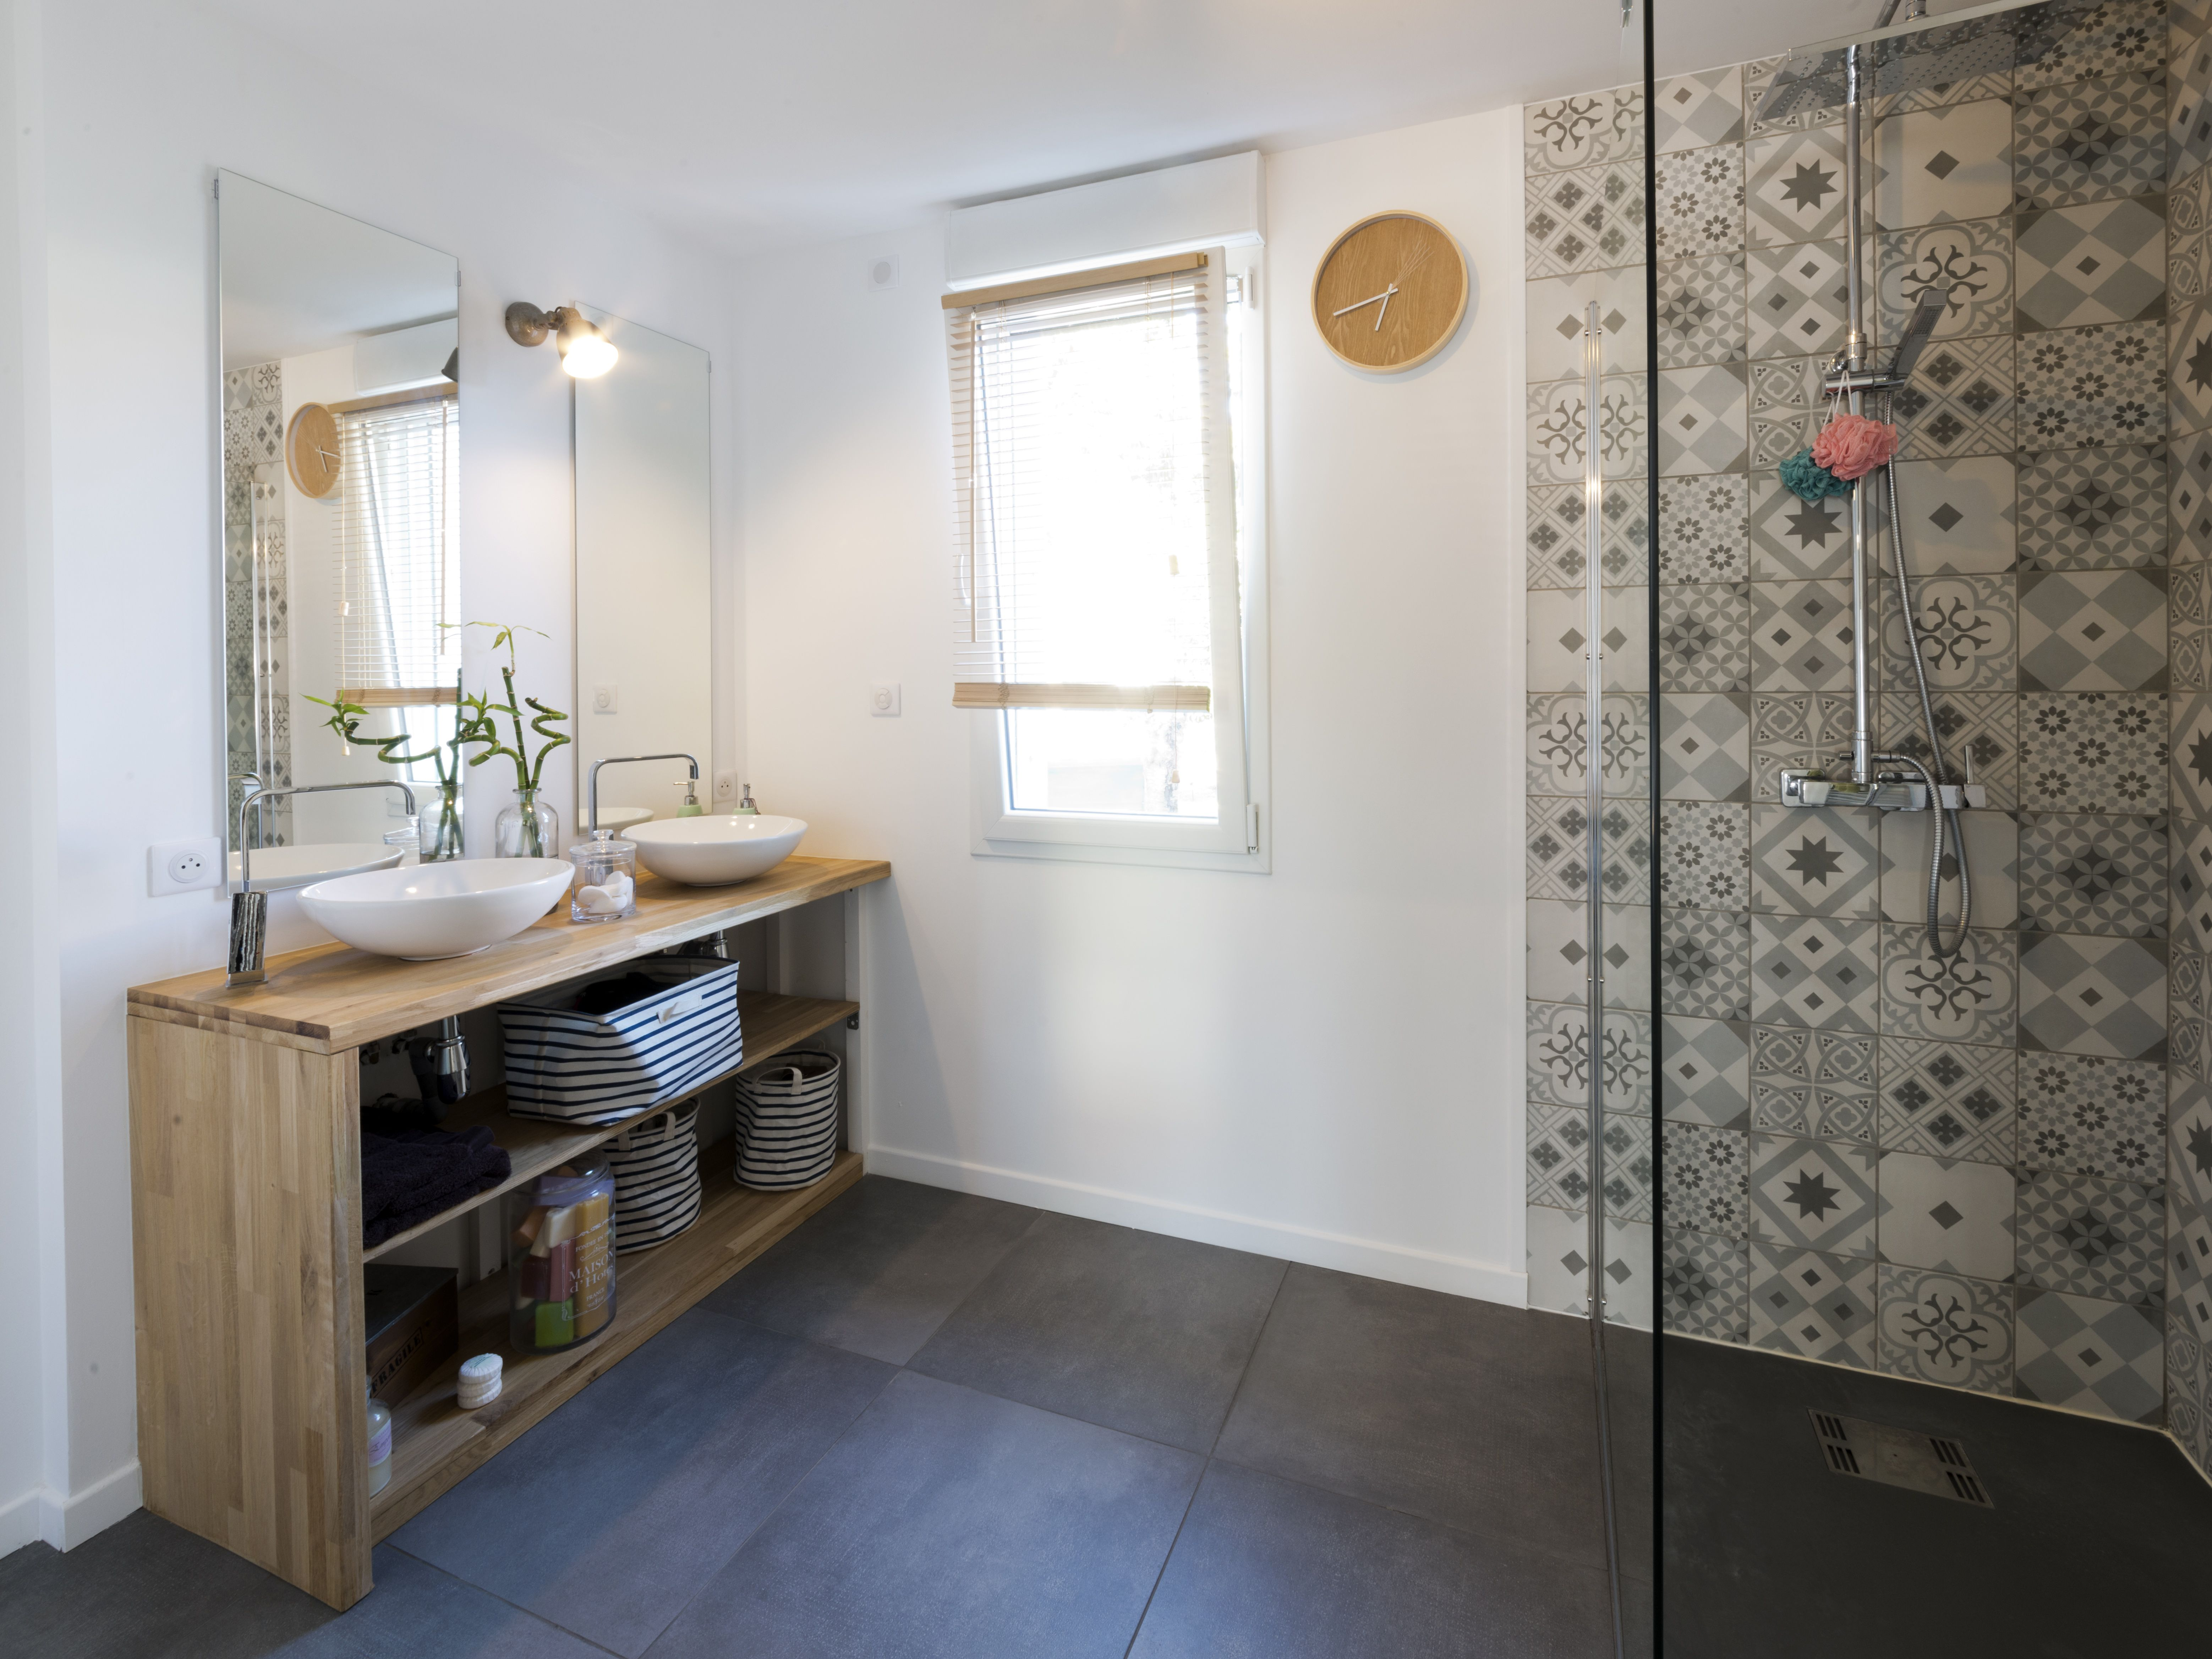 wc carreaux de ciment salle maison neuve agen bordeaux toulouse wc suspendu faence carreaux de. Black Bedroom Furniture Sets. Home Design Ideas